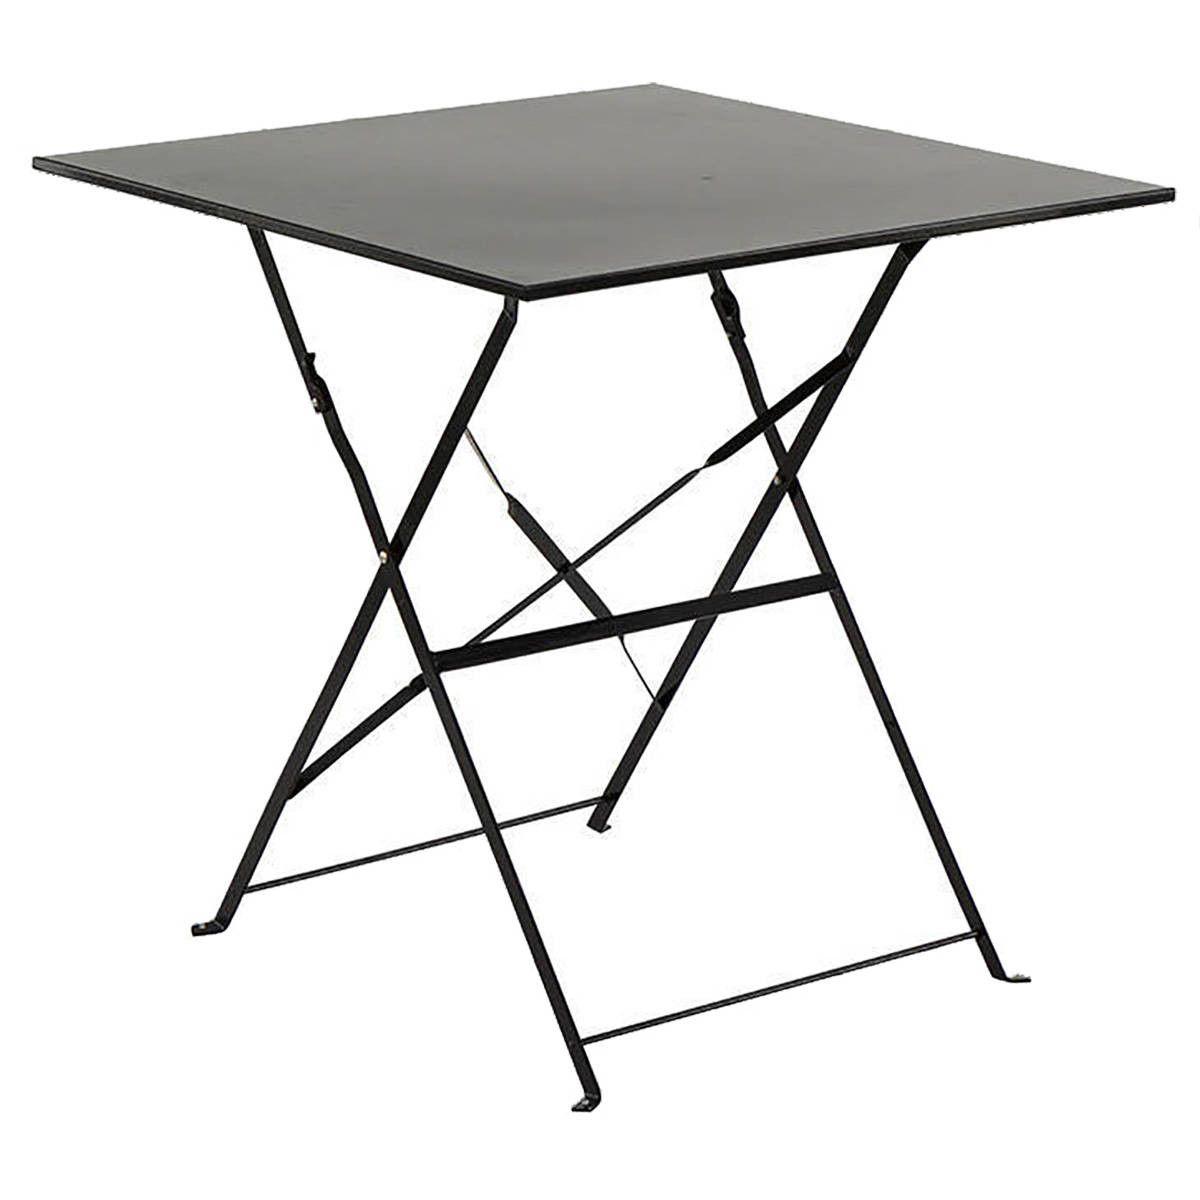 Table de jardin pliante Camargue noire carrée